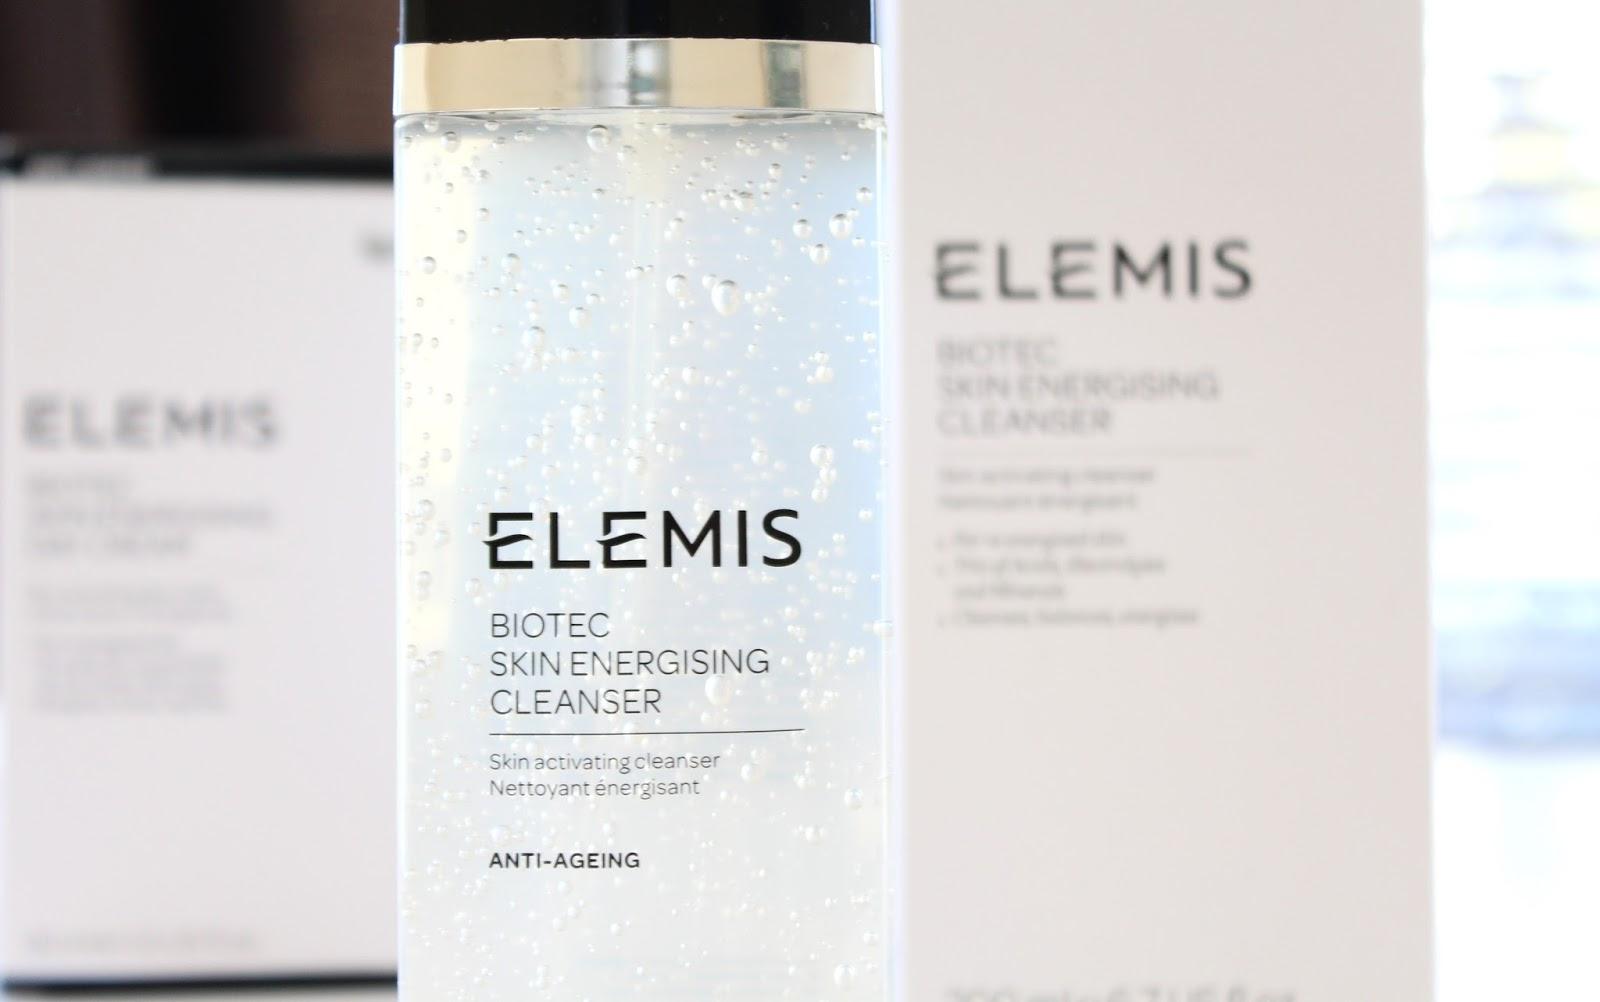 Elemis Biotec Cleanser